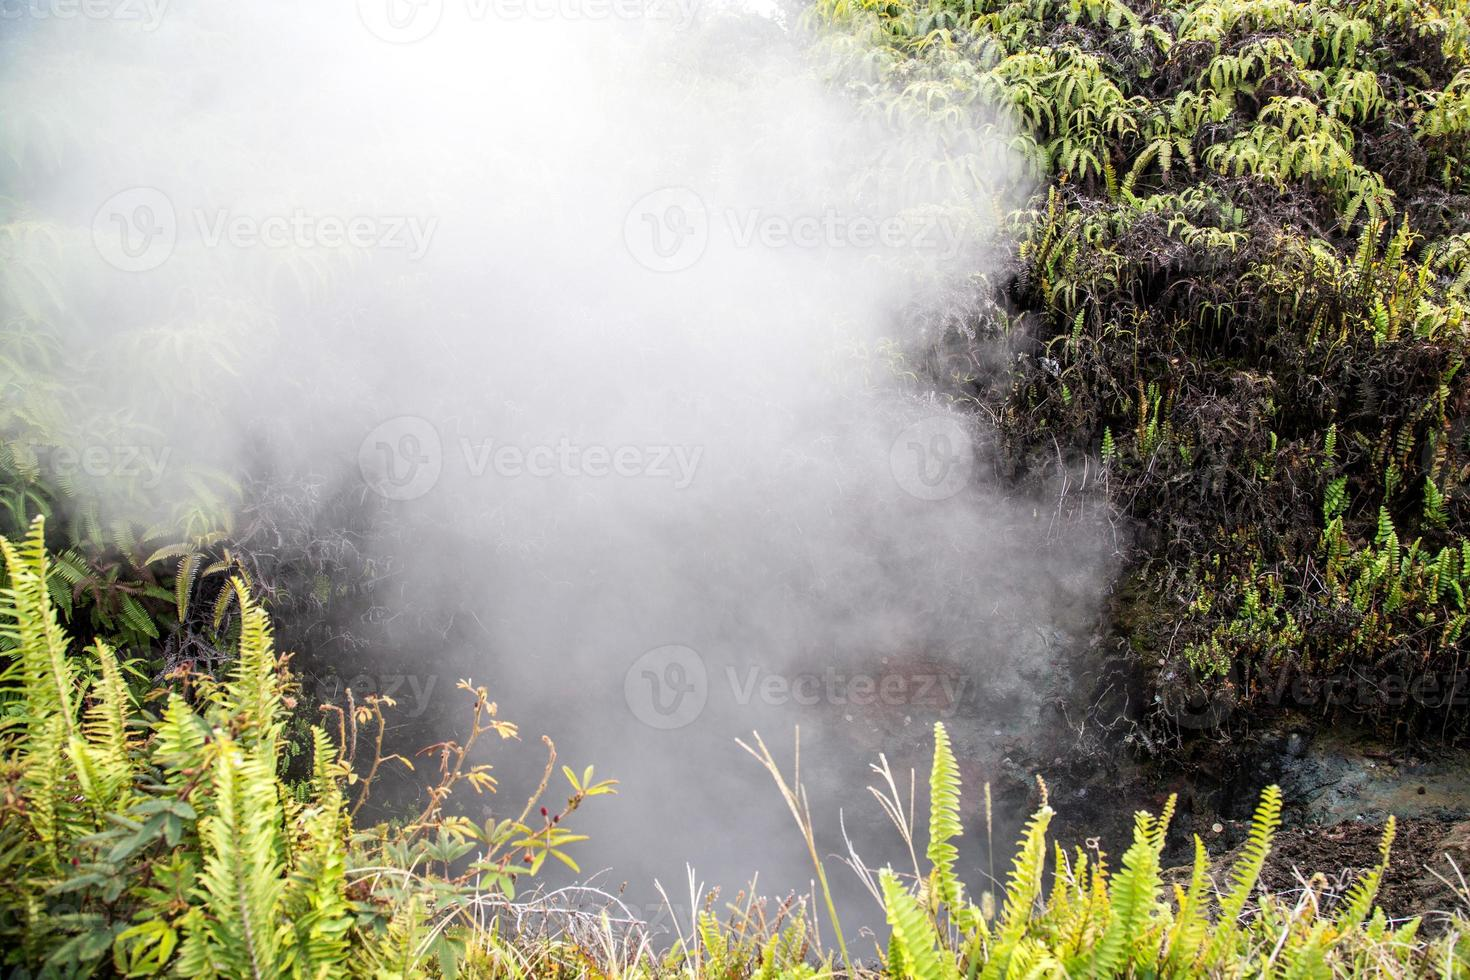 stati uniti d'america - hawaii - grande isola, parco nazionale dei vulcani foto